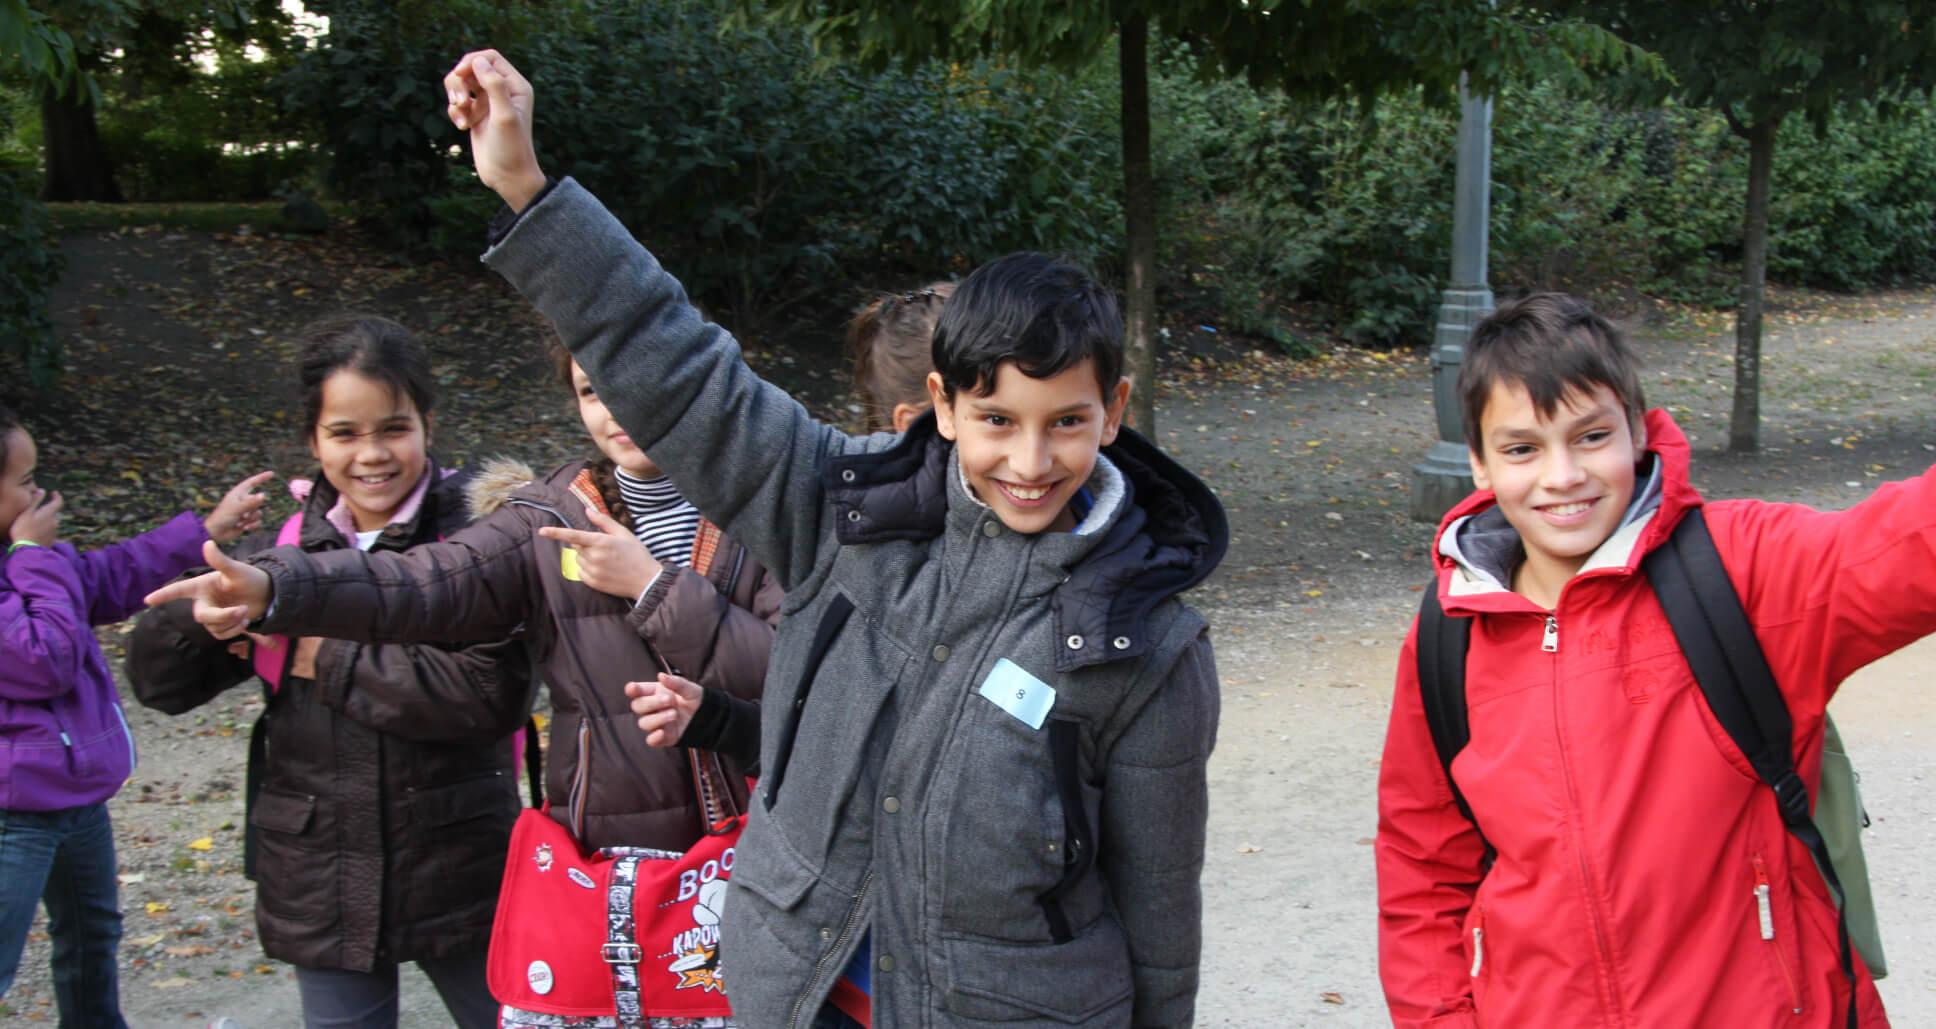 leerlingen werken enthousiast mee